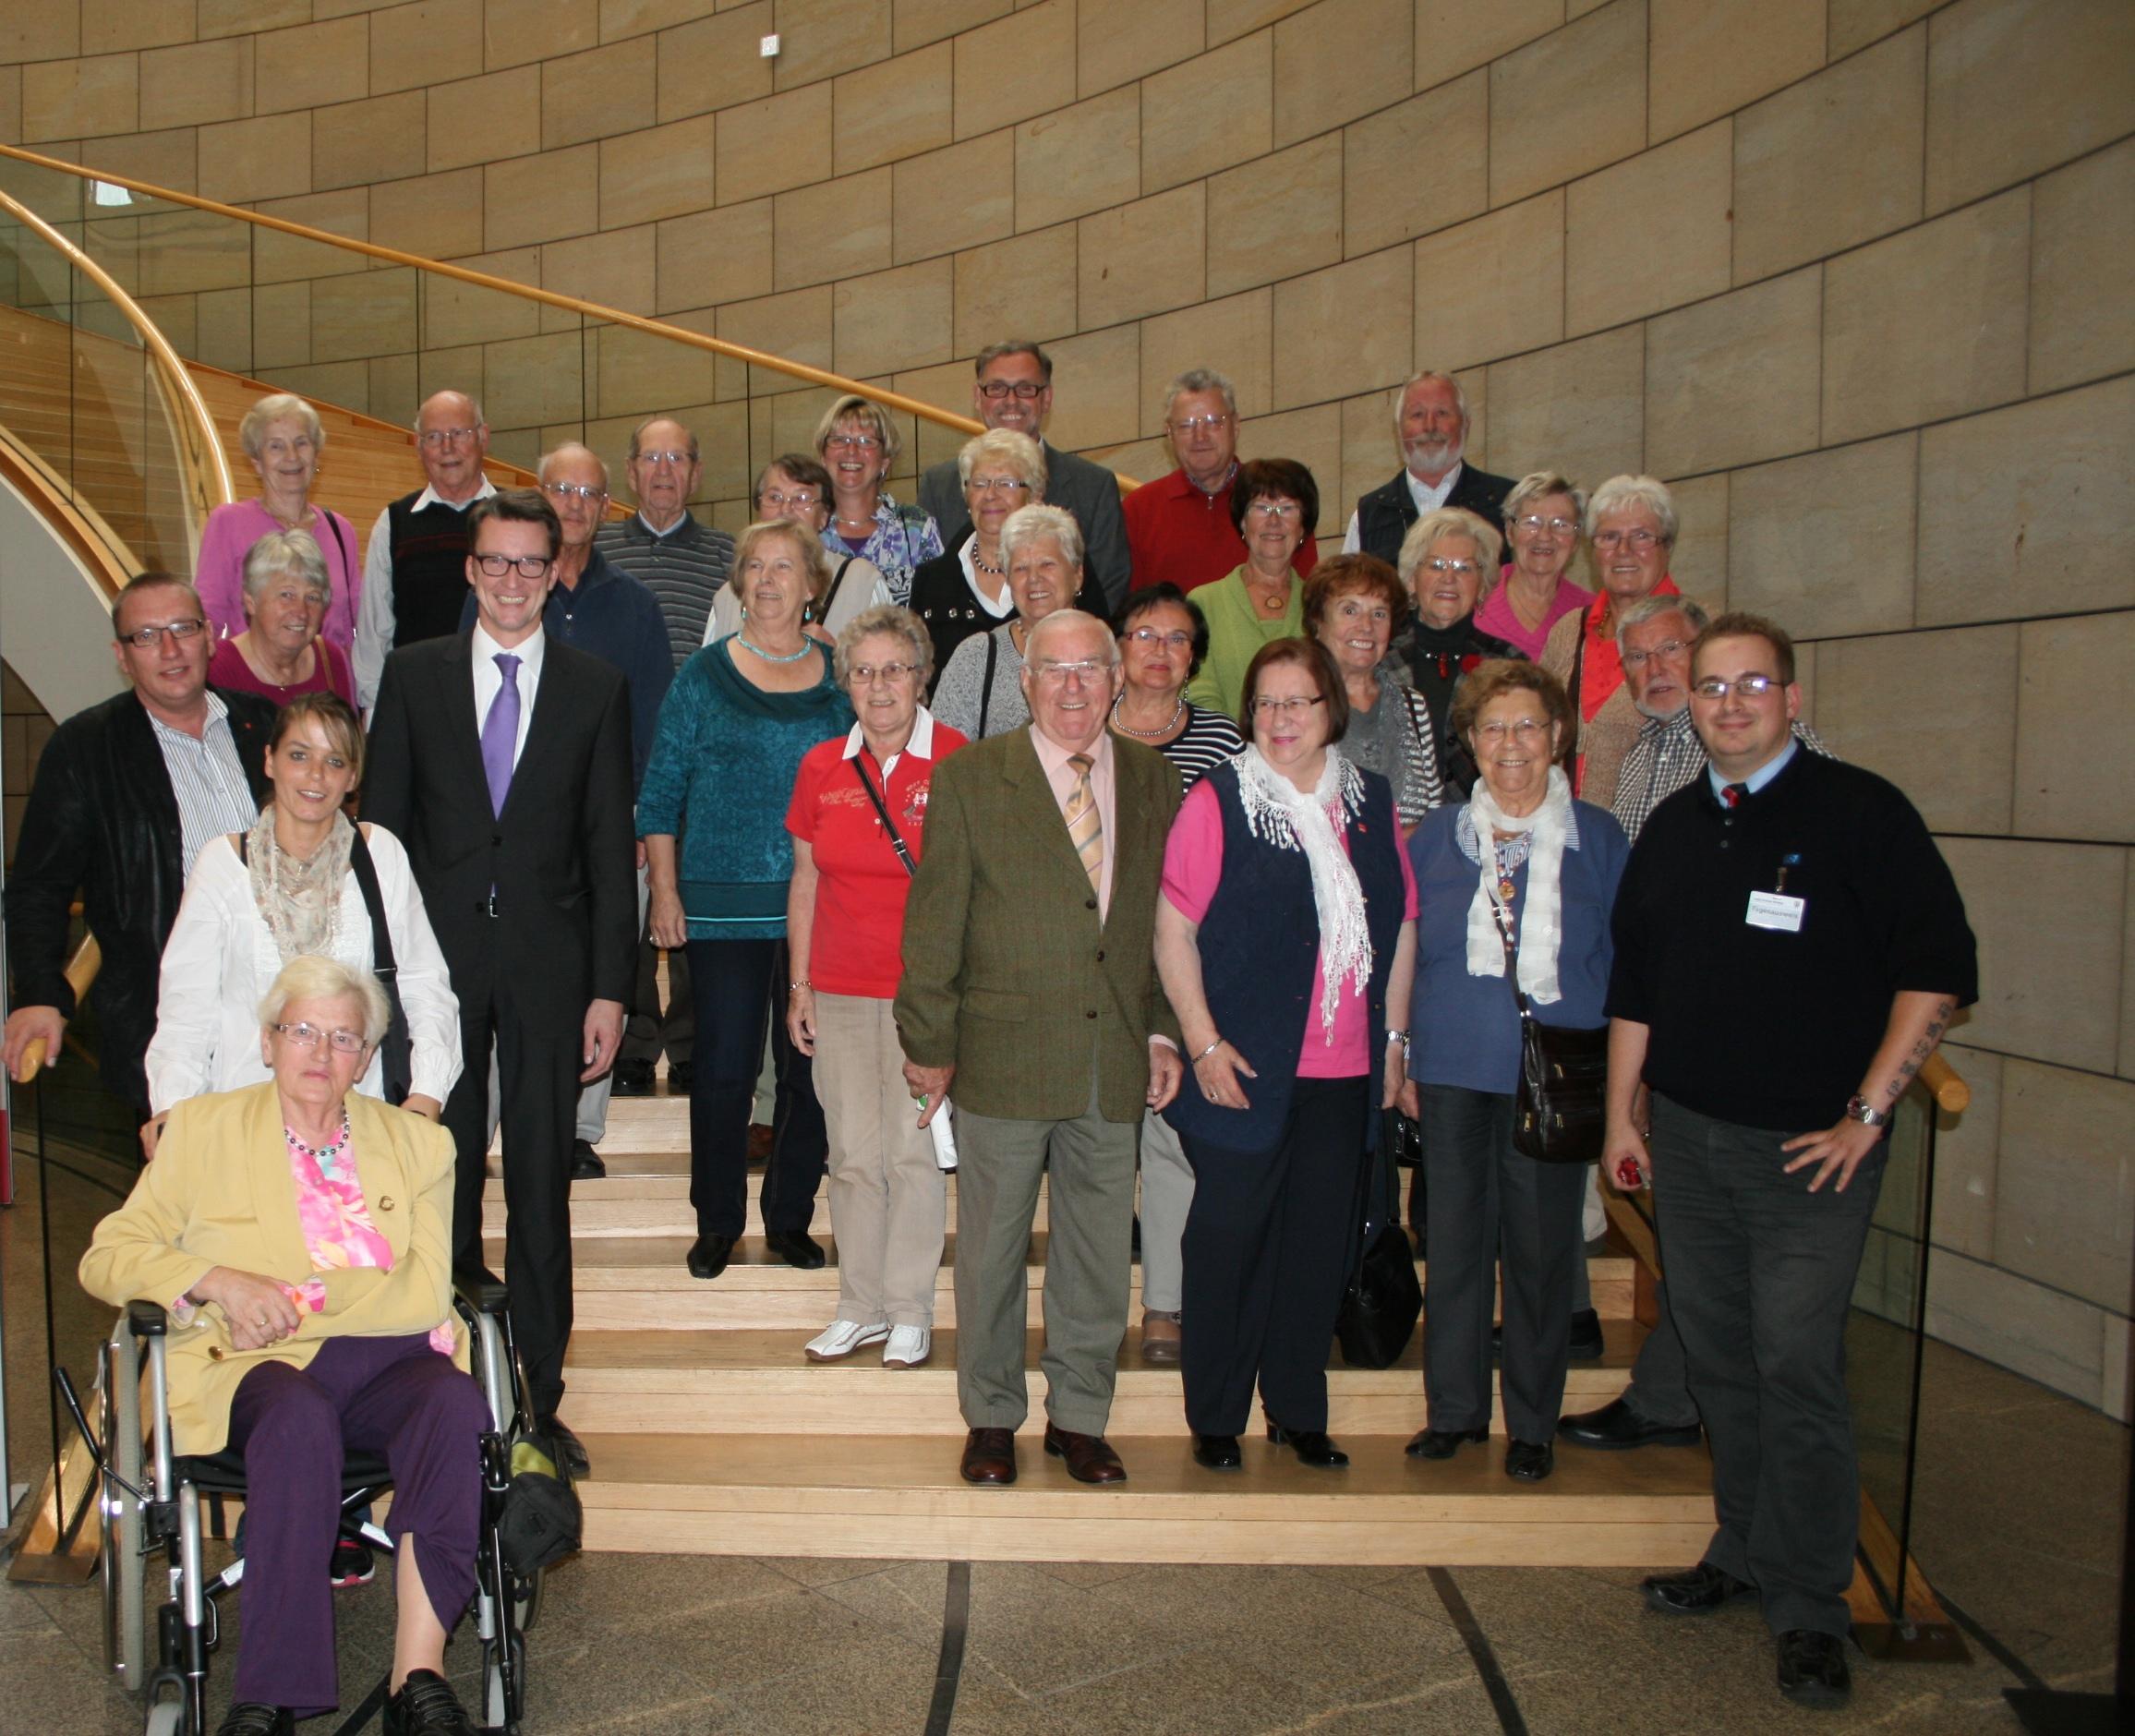 Besuchergruppe bei Sven Wolf im Landtagm am 02.10.2012.